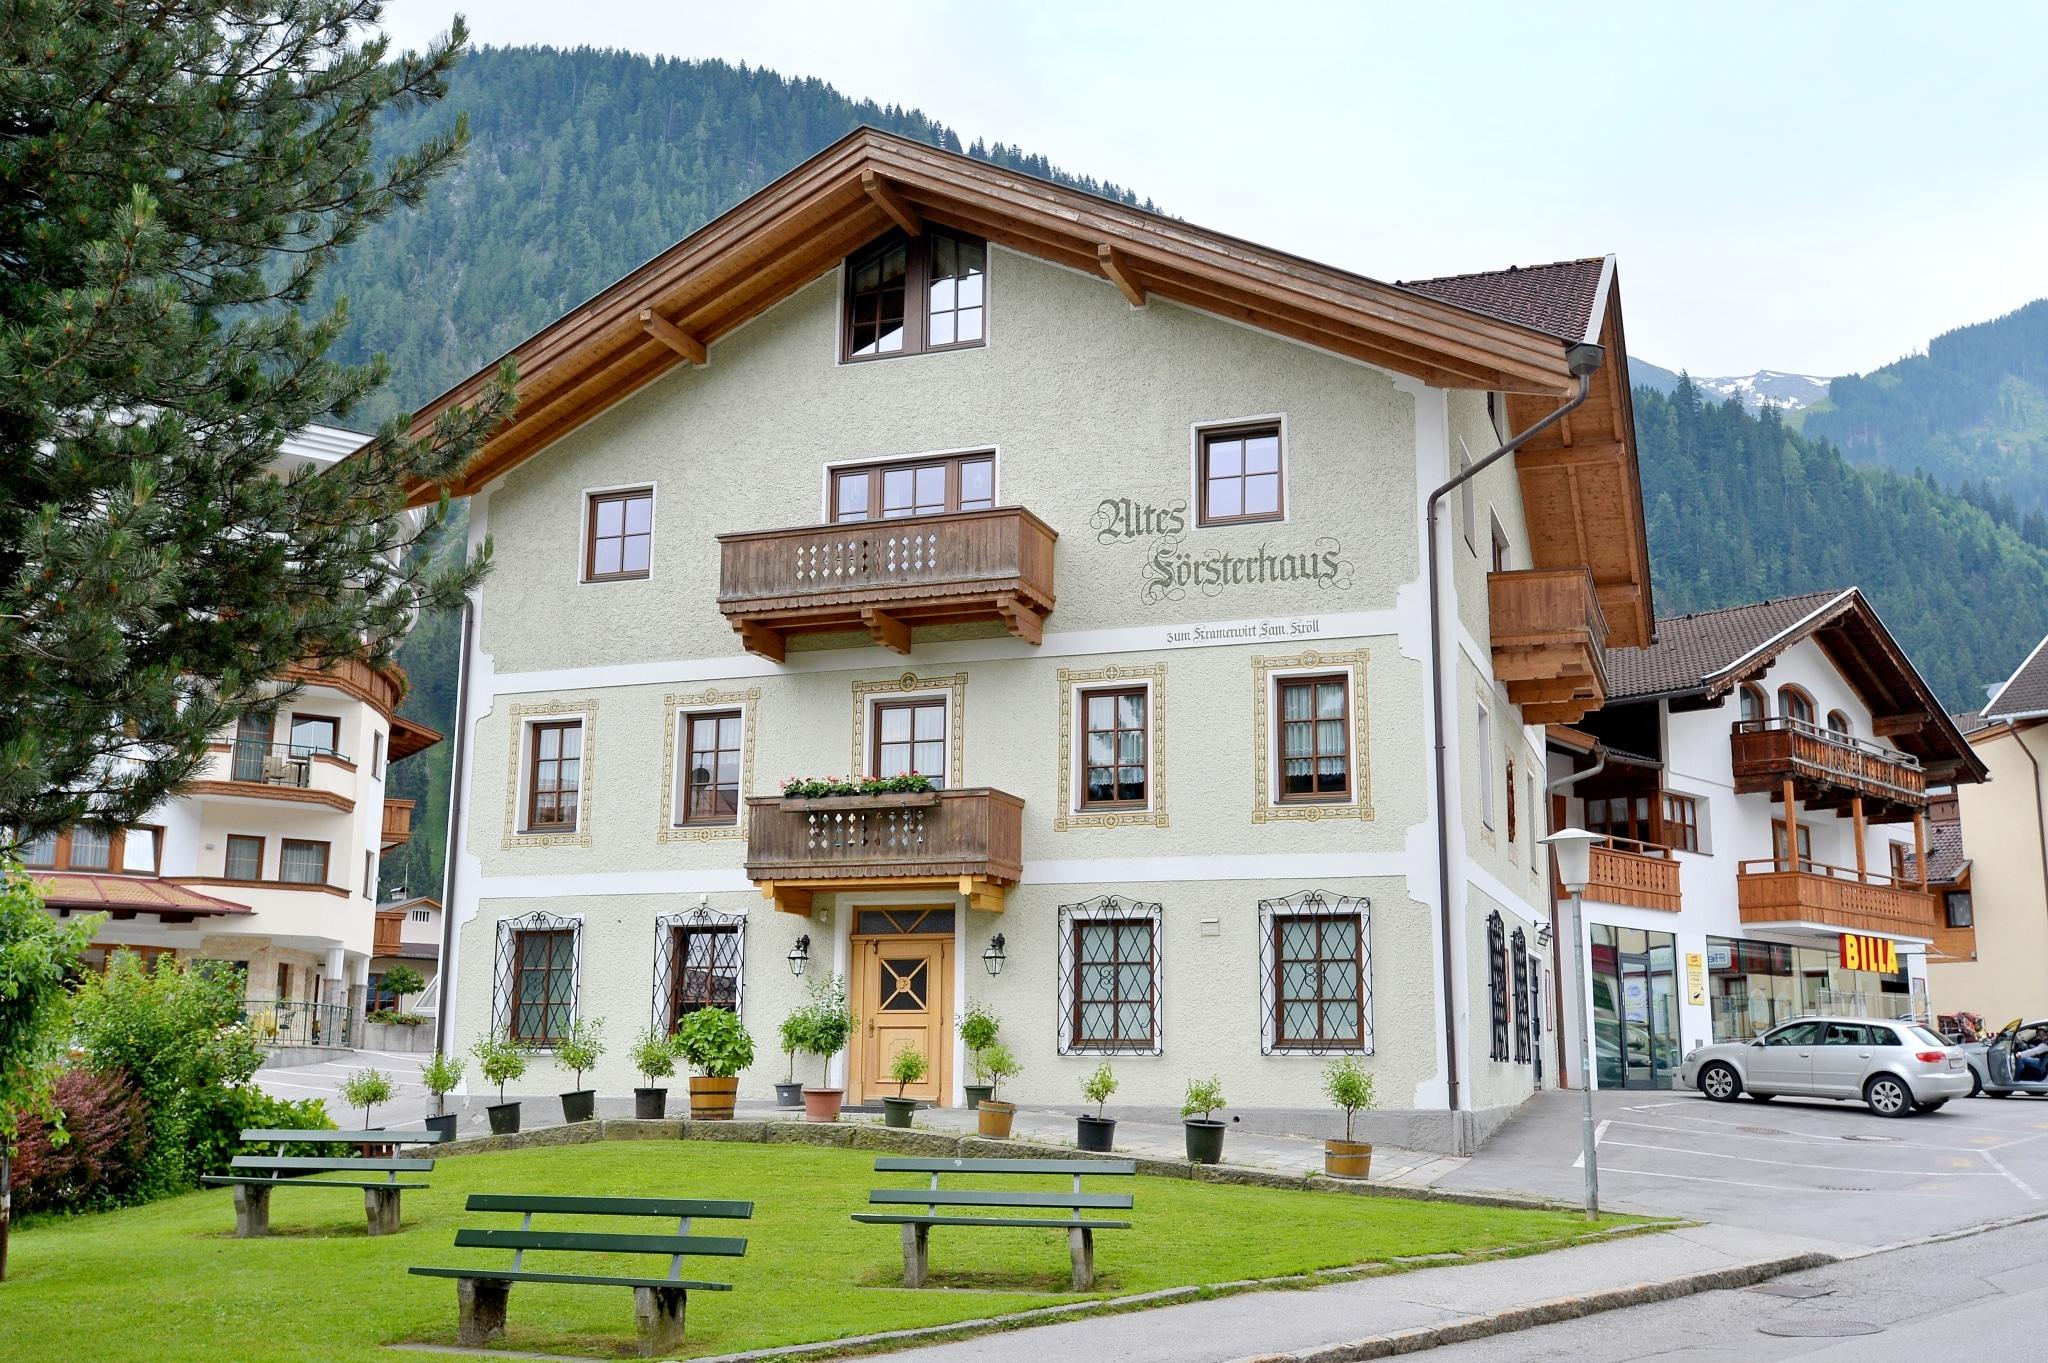 Altes Försterhaus zum Kramerwirt, Mayrhofen im Zillertal